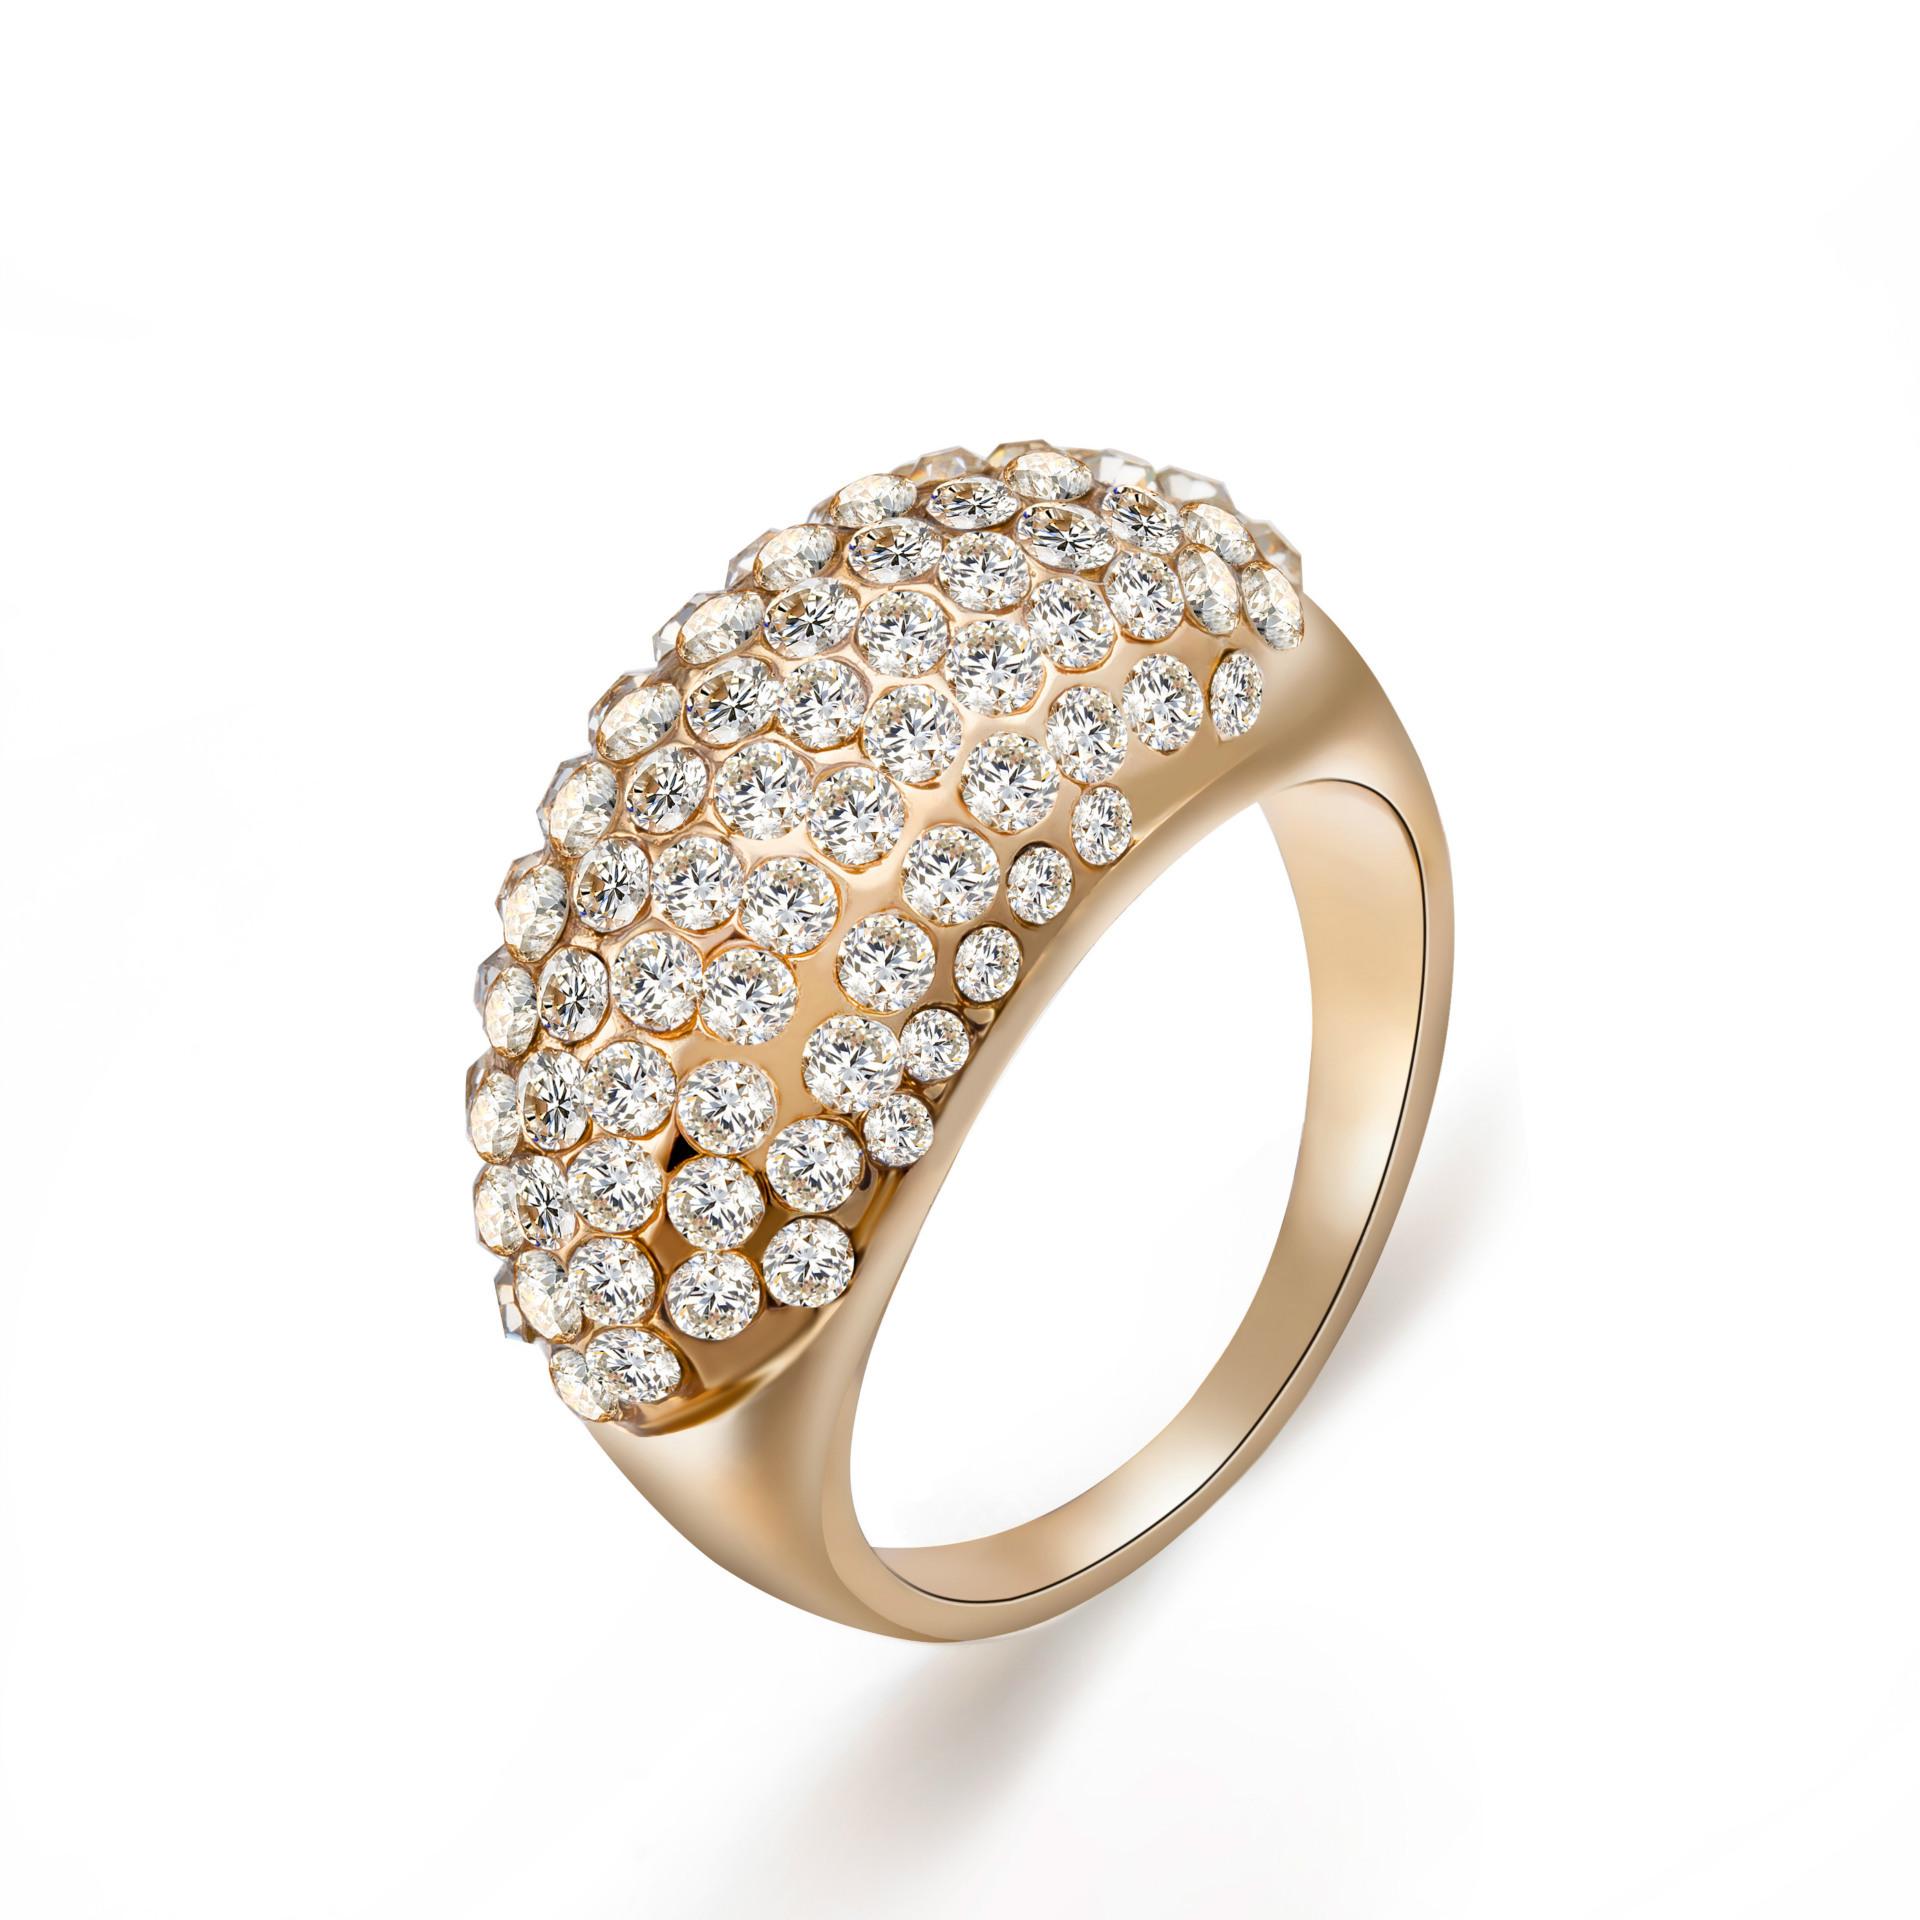 亚马逊外贸合金饰品 欧美锆石手饰批发 水晶满钻戒指国际一件代发